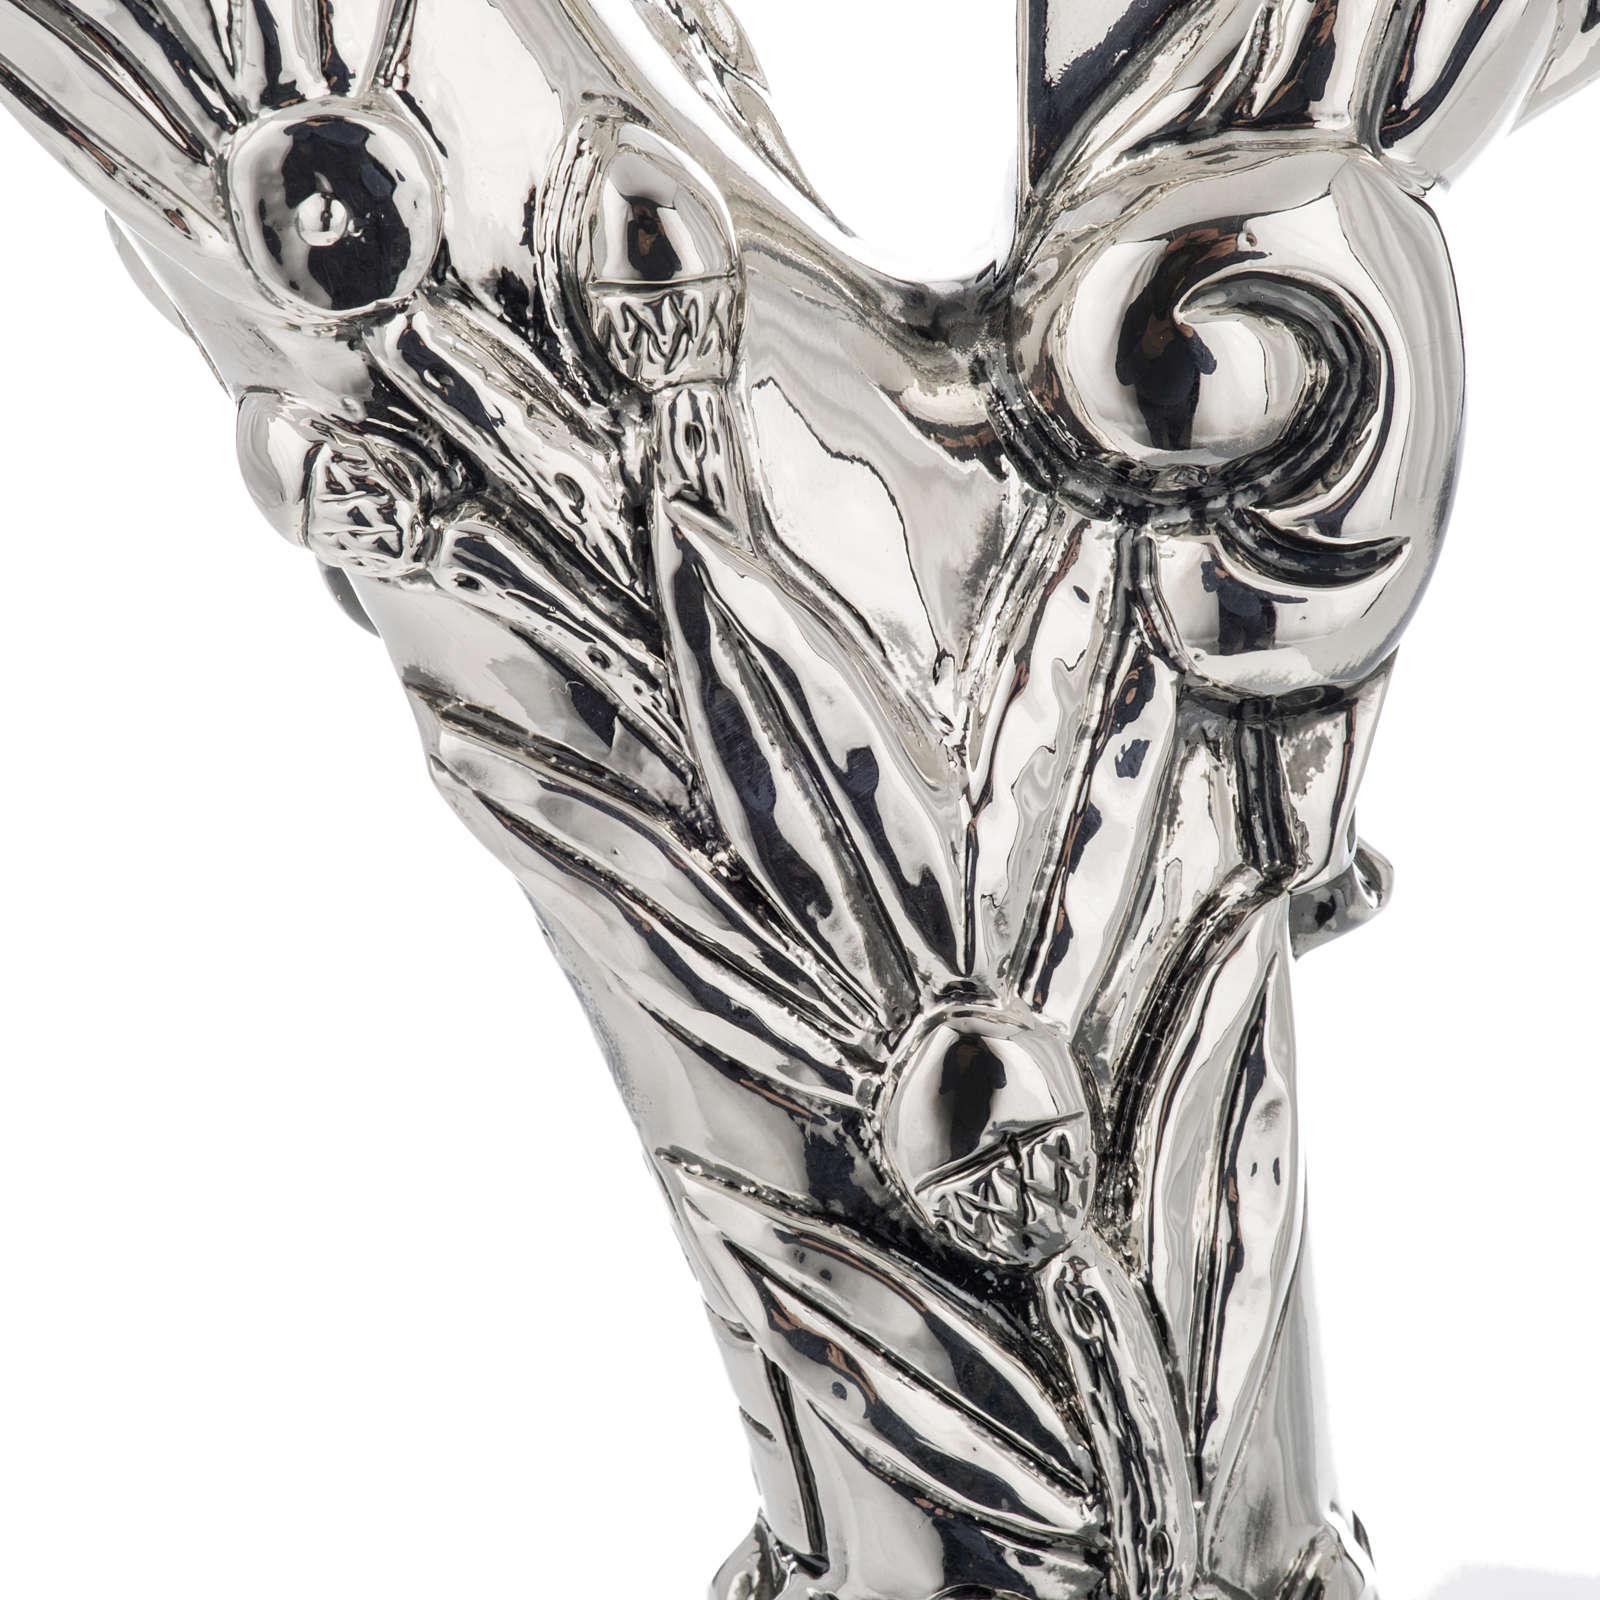 Crozier in 966 silver, electroforming, cross model 3